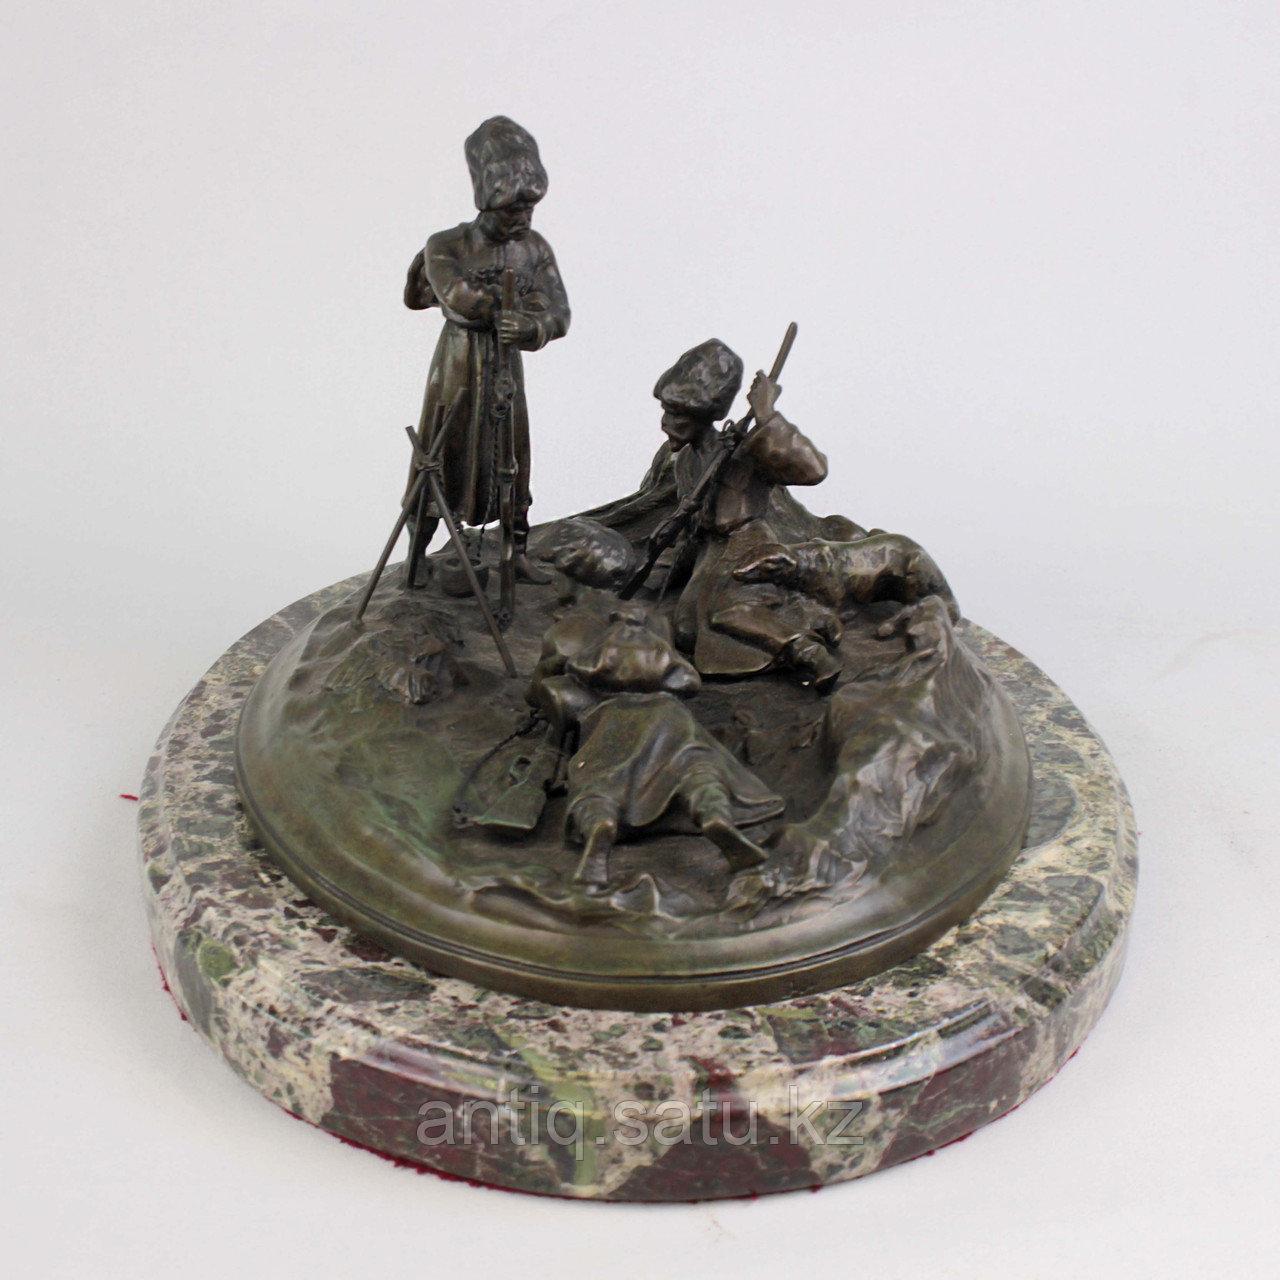 Черкес, заметивший врага. По модели российского скульптора В.Я. Грачева - фото 3